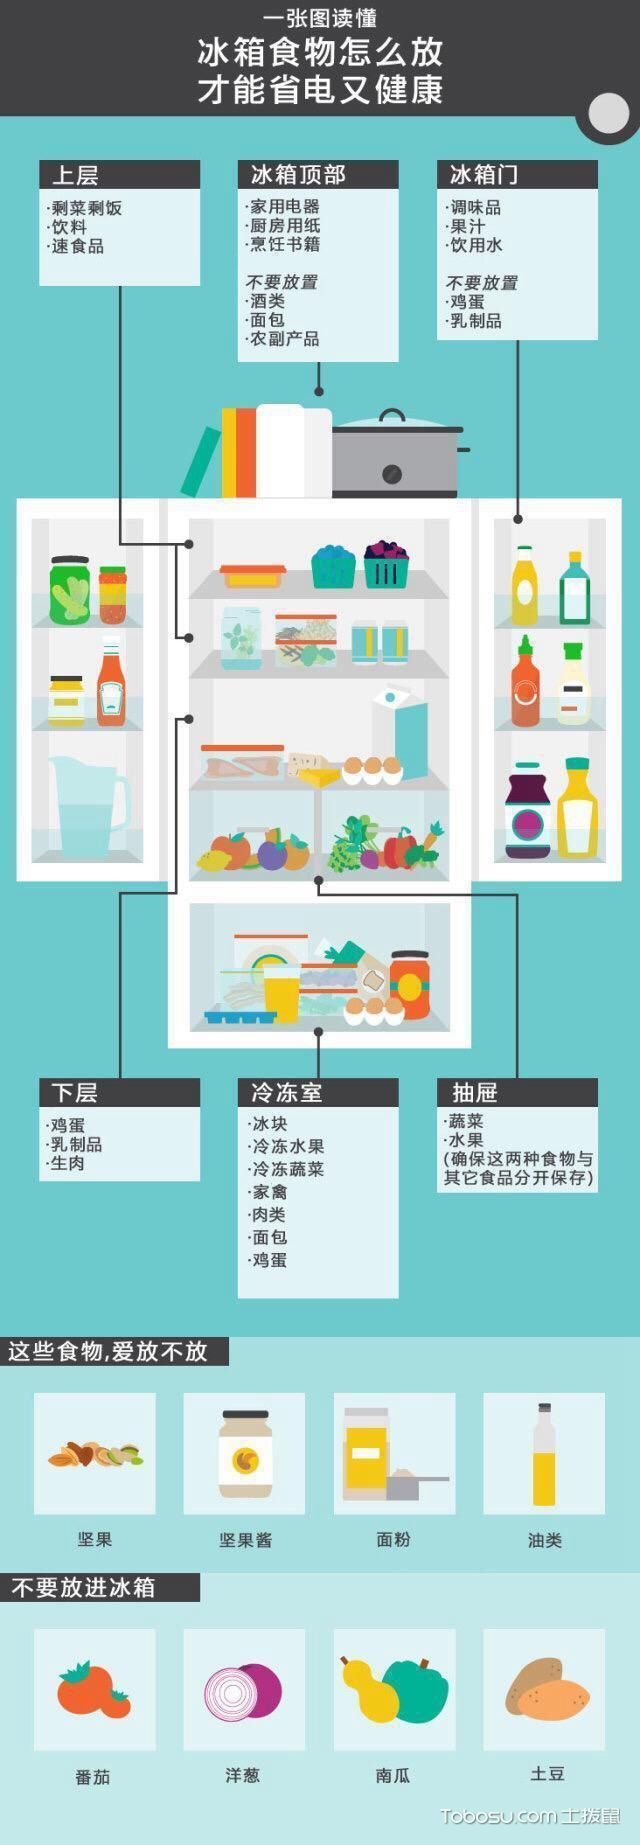 冰箱使用方法